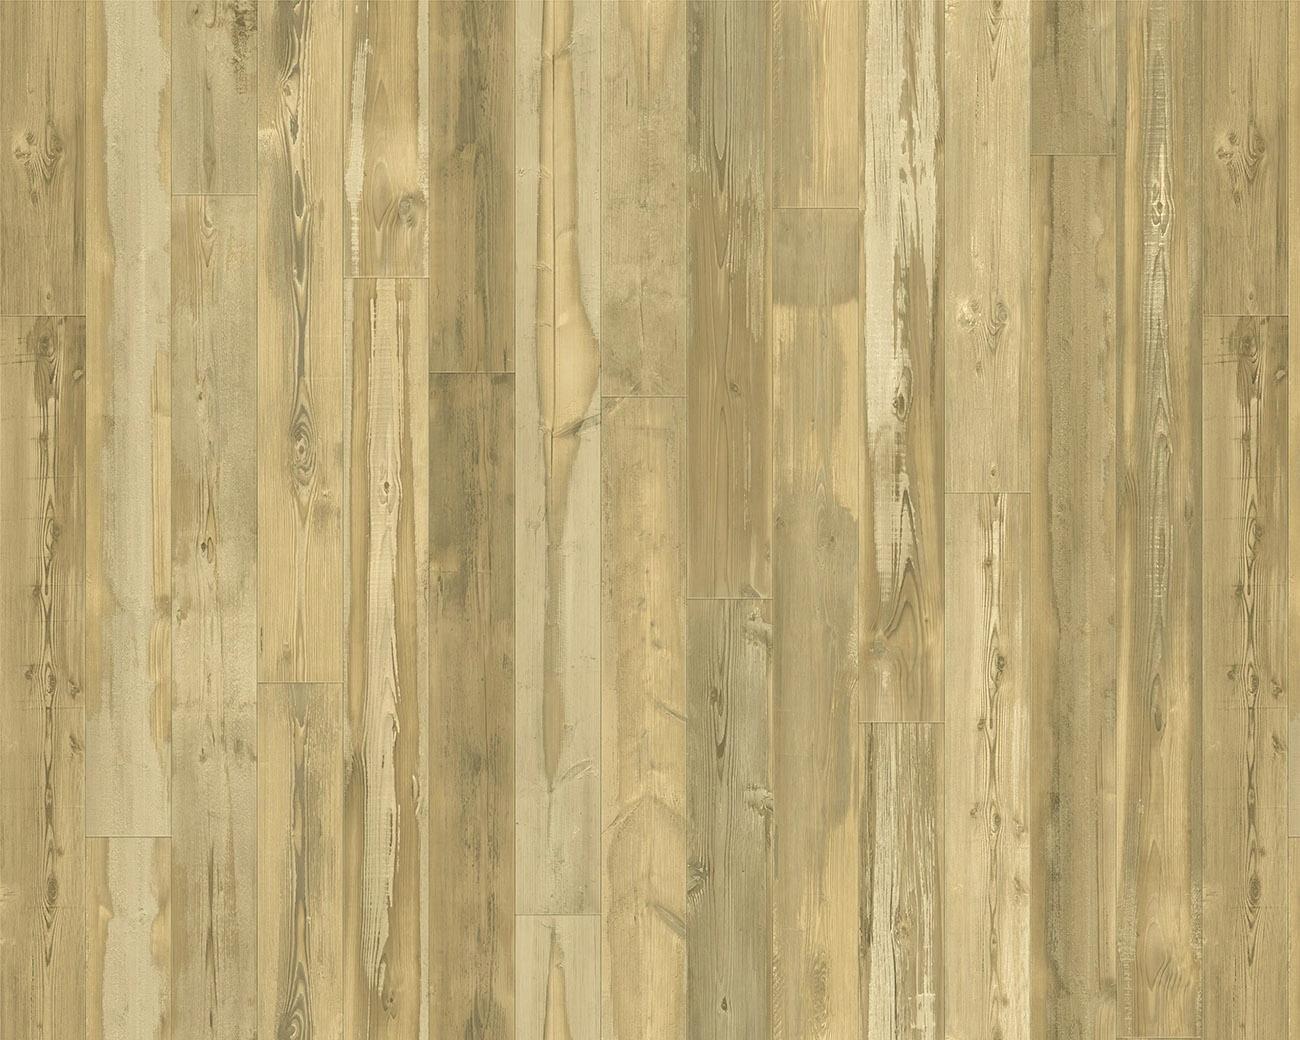 Reclaimed Pine Cabin Full Pattern